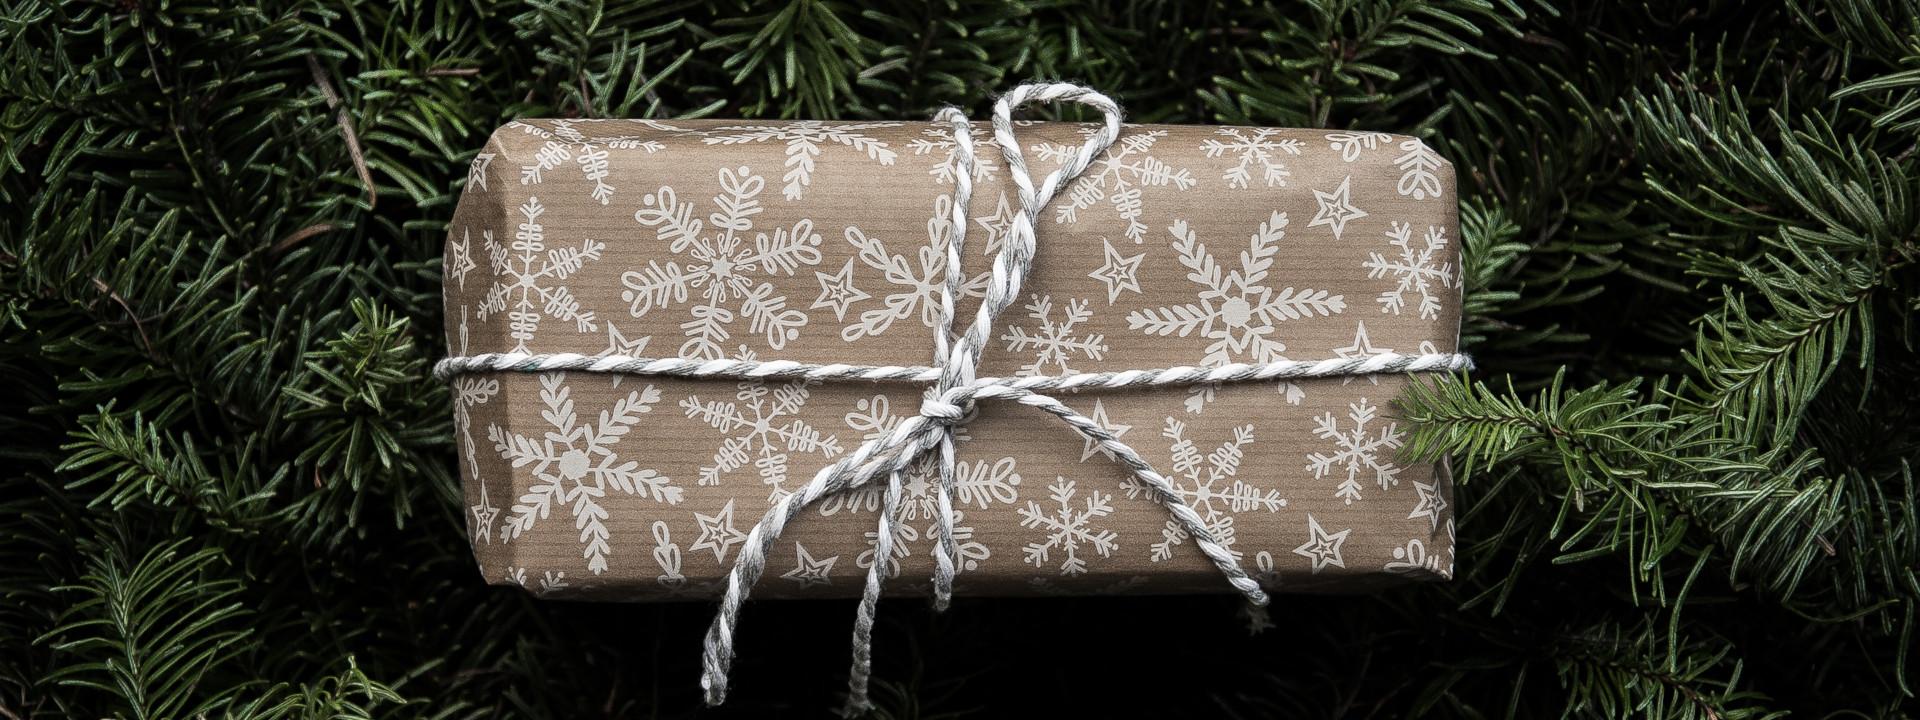 Innpakket julegave på granbar